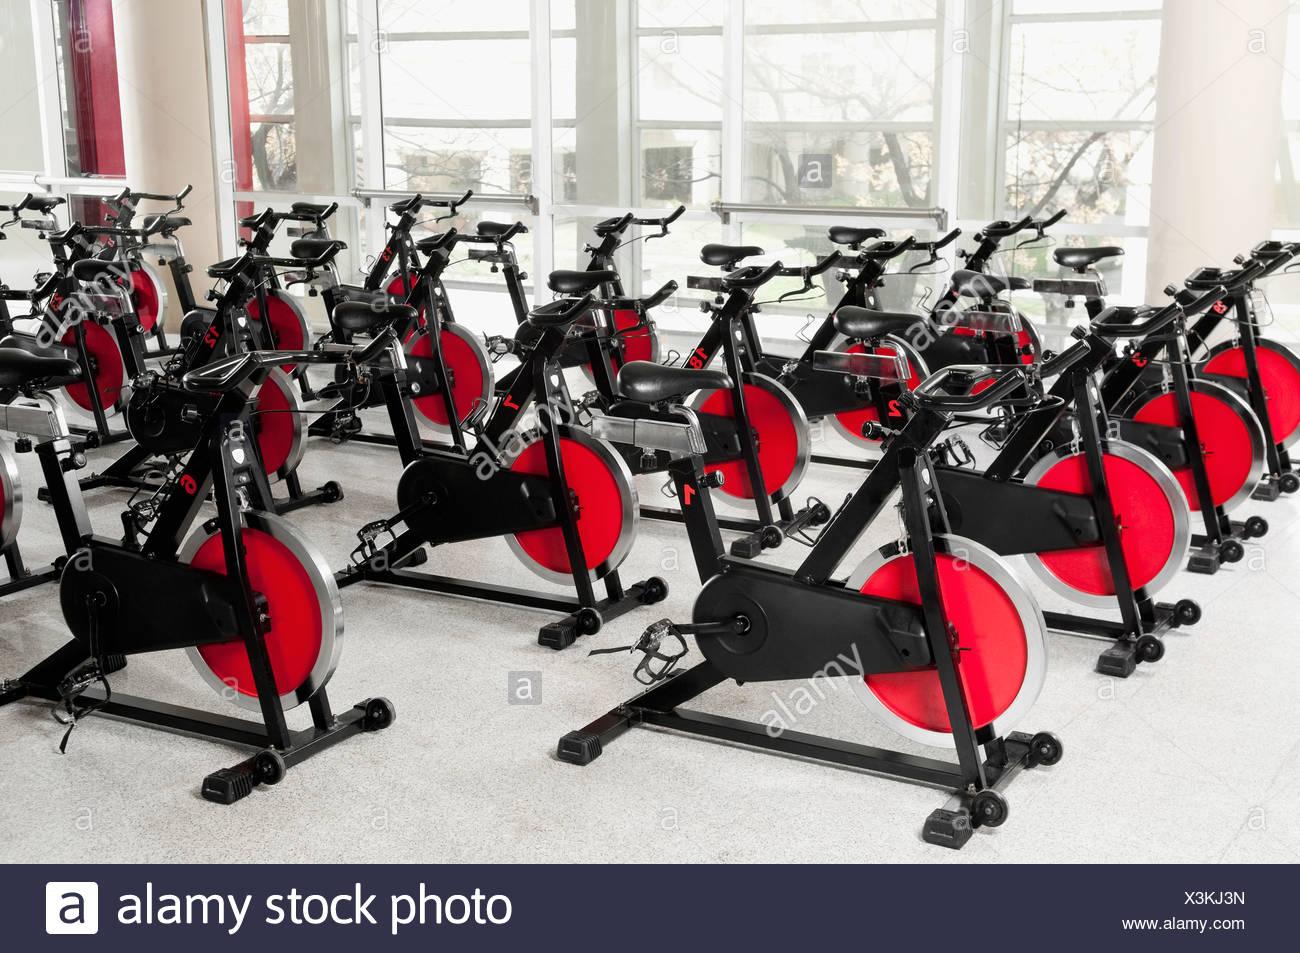 Bicicletas de ejercicio en un gimnasio Imagen De Stock